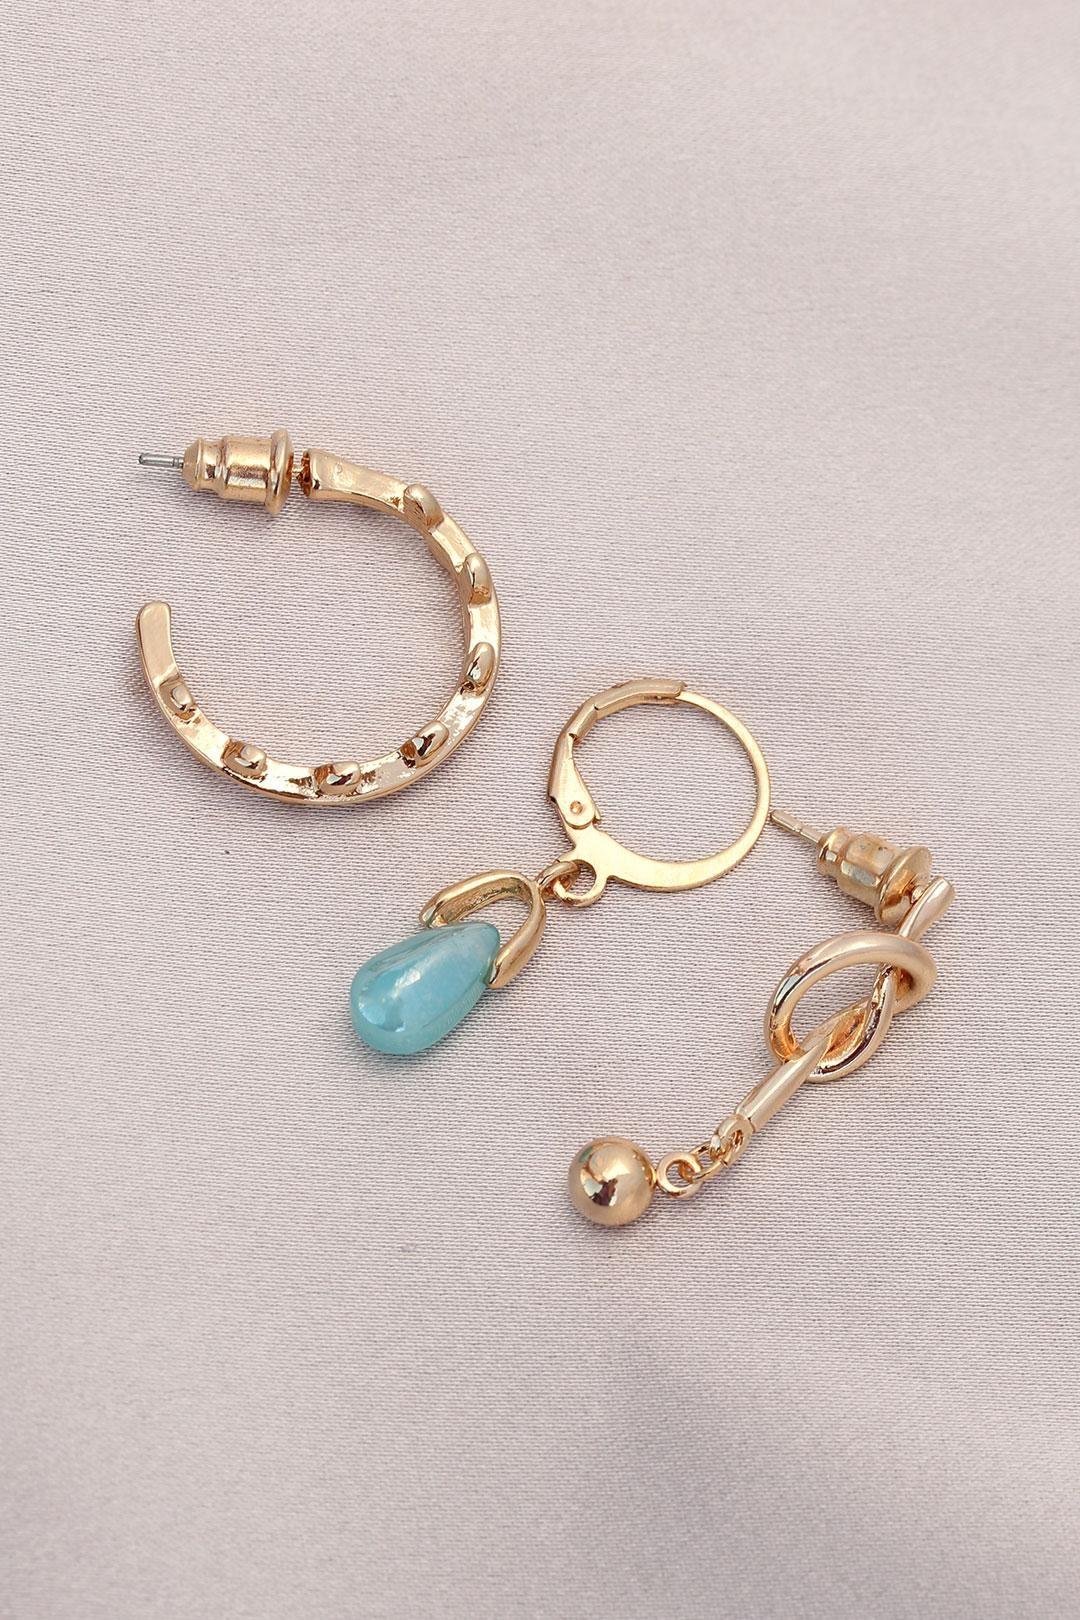 Düğüm Figürlü Mavi Taşlı Gold Metal Küpe Seti